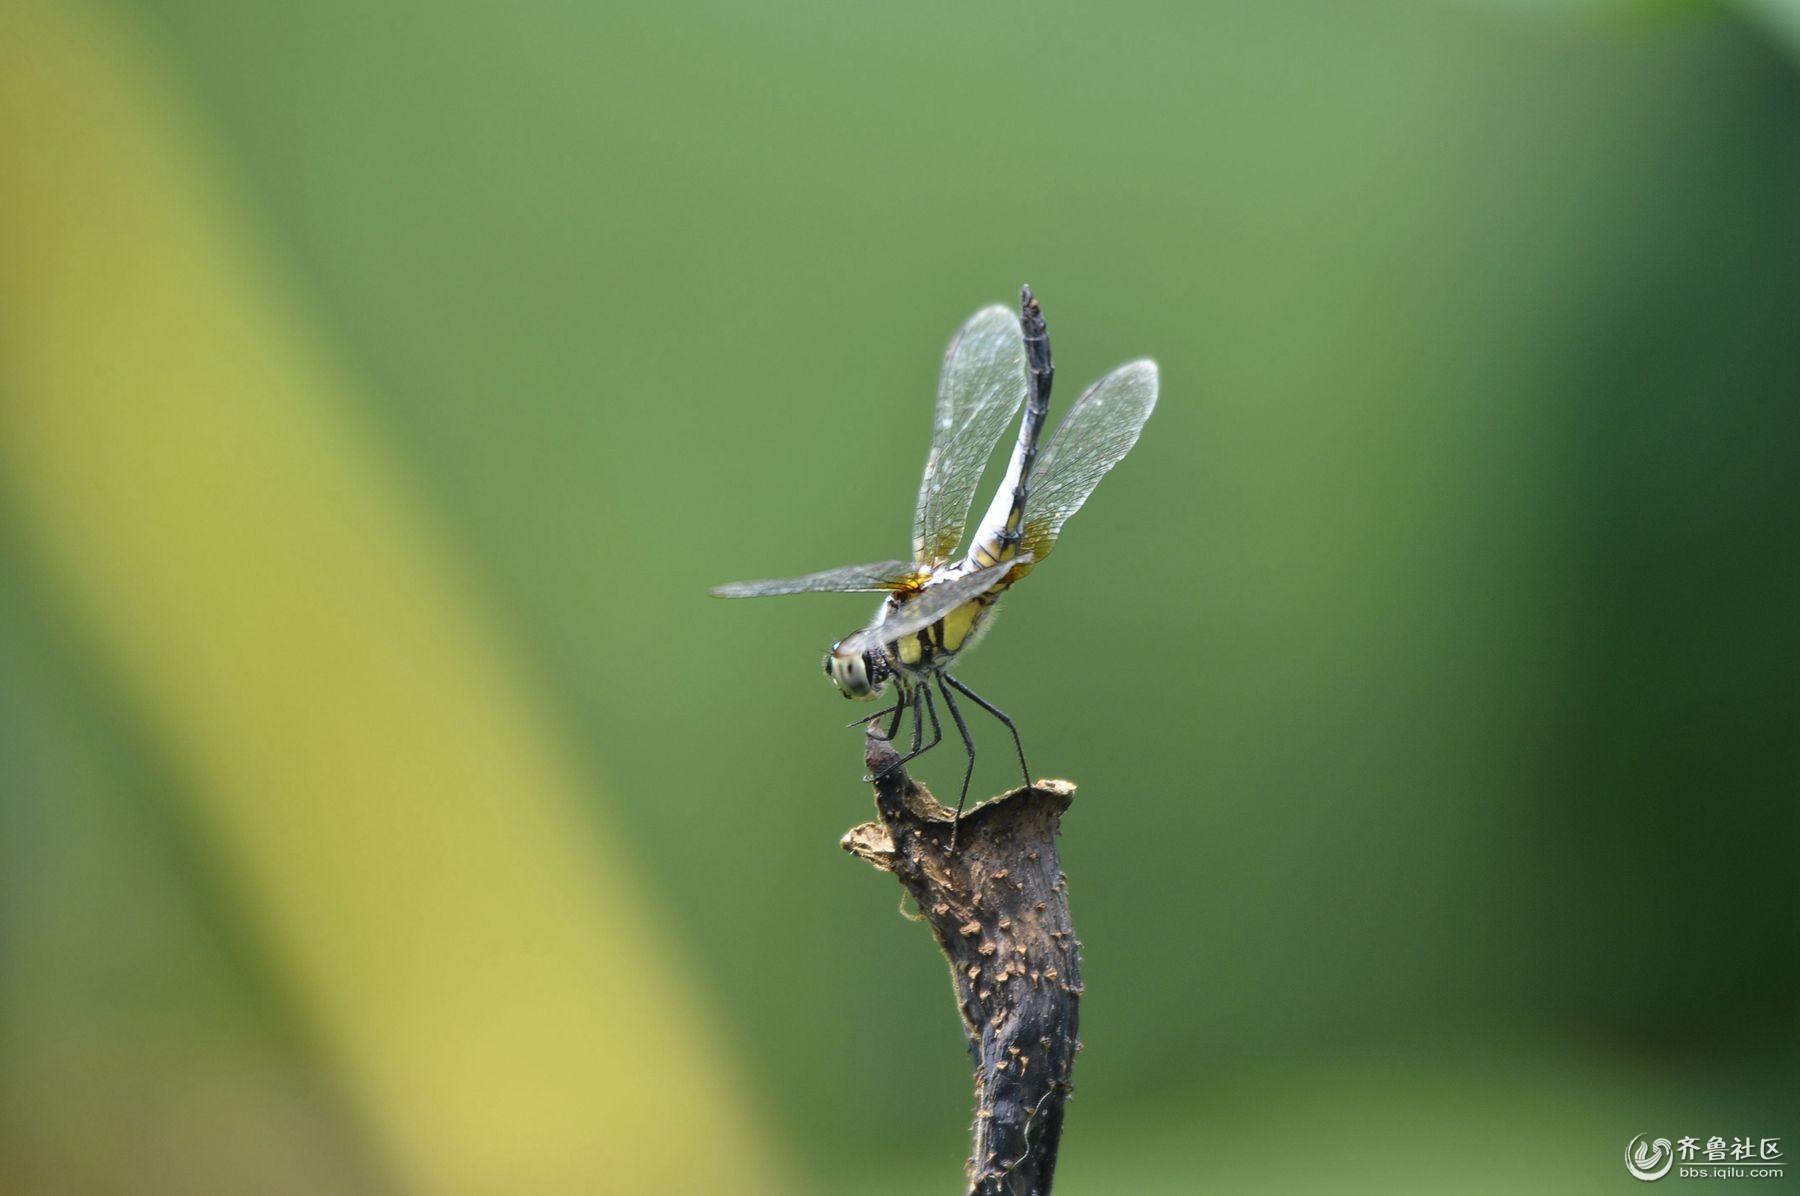 荷塘蜻蜓 - 泉影俱乐部